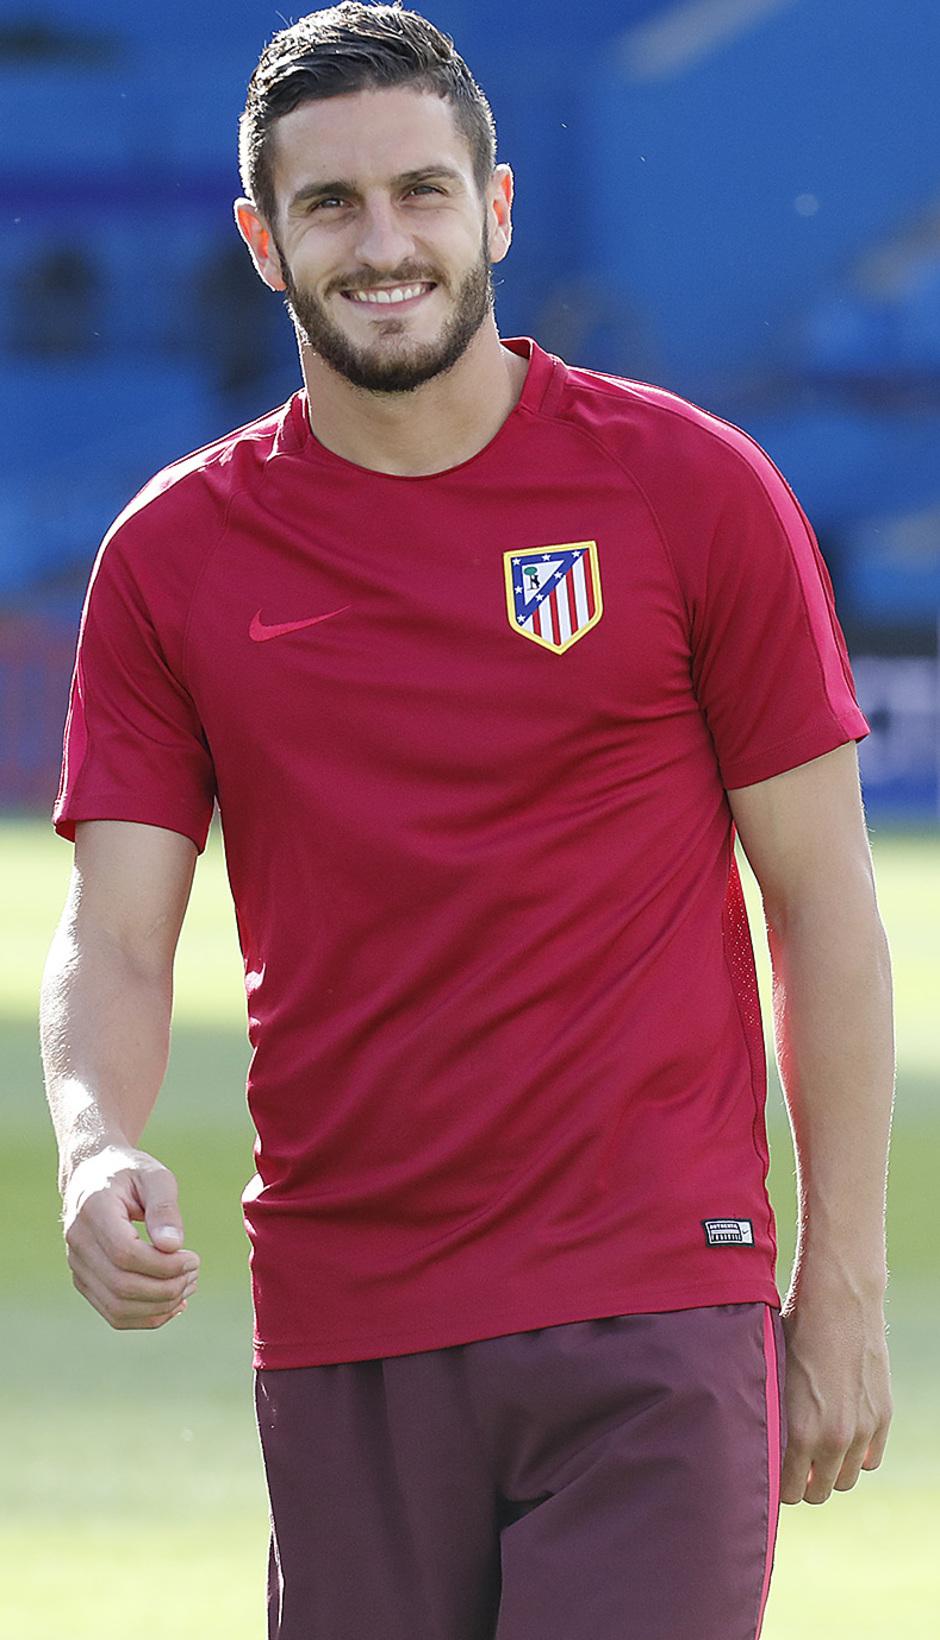 Temporada 16/17. Entrenamiento del Atlético de Madrid en el Vicente Calderón. Koke durante el entrenamiento